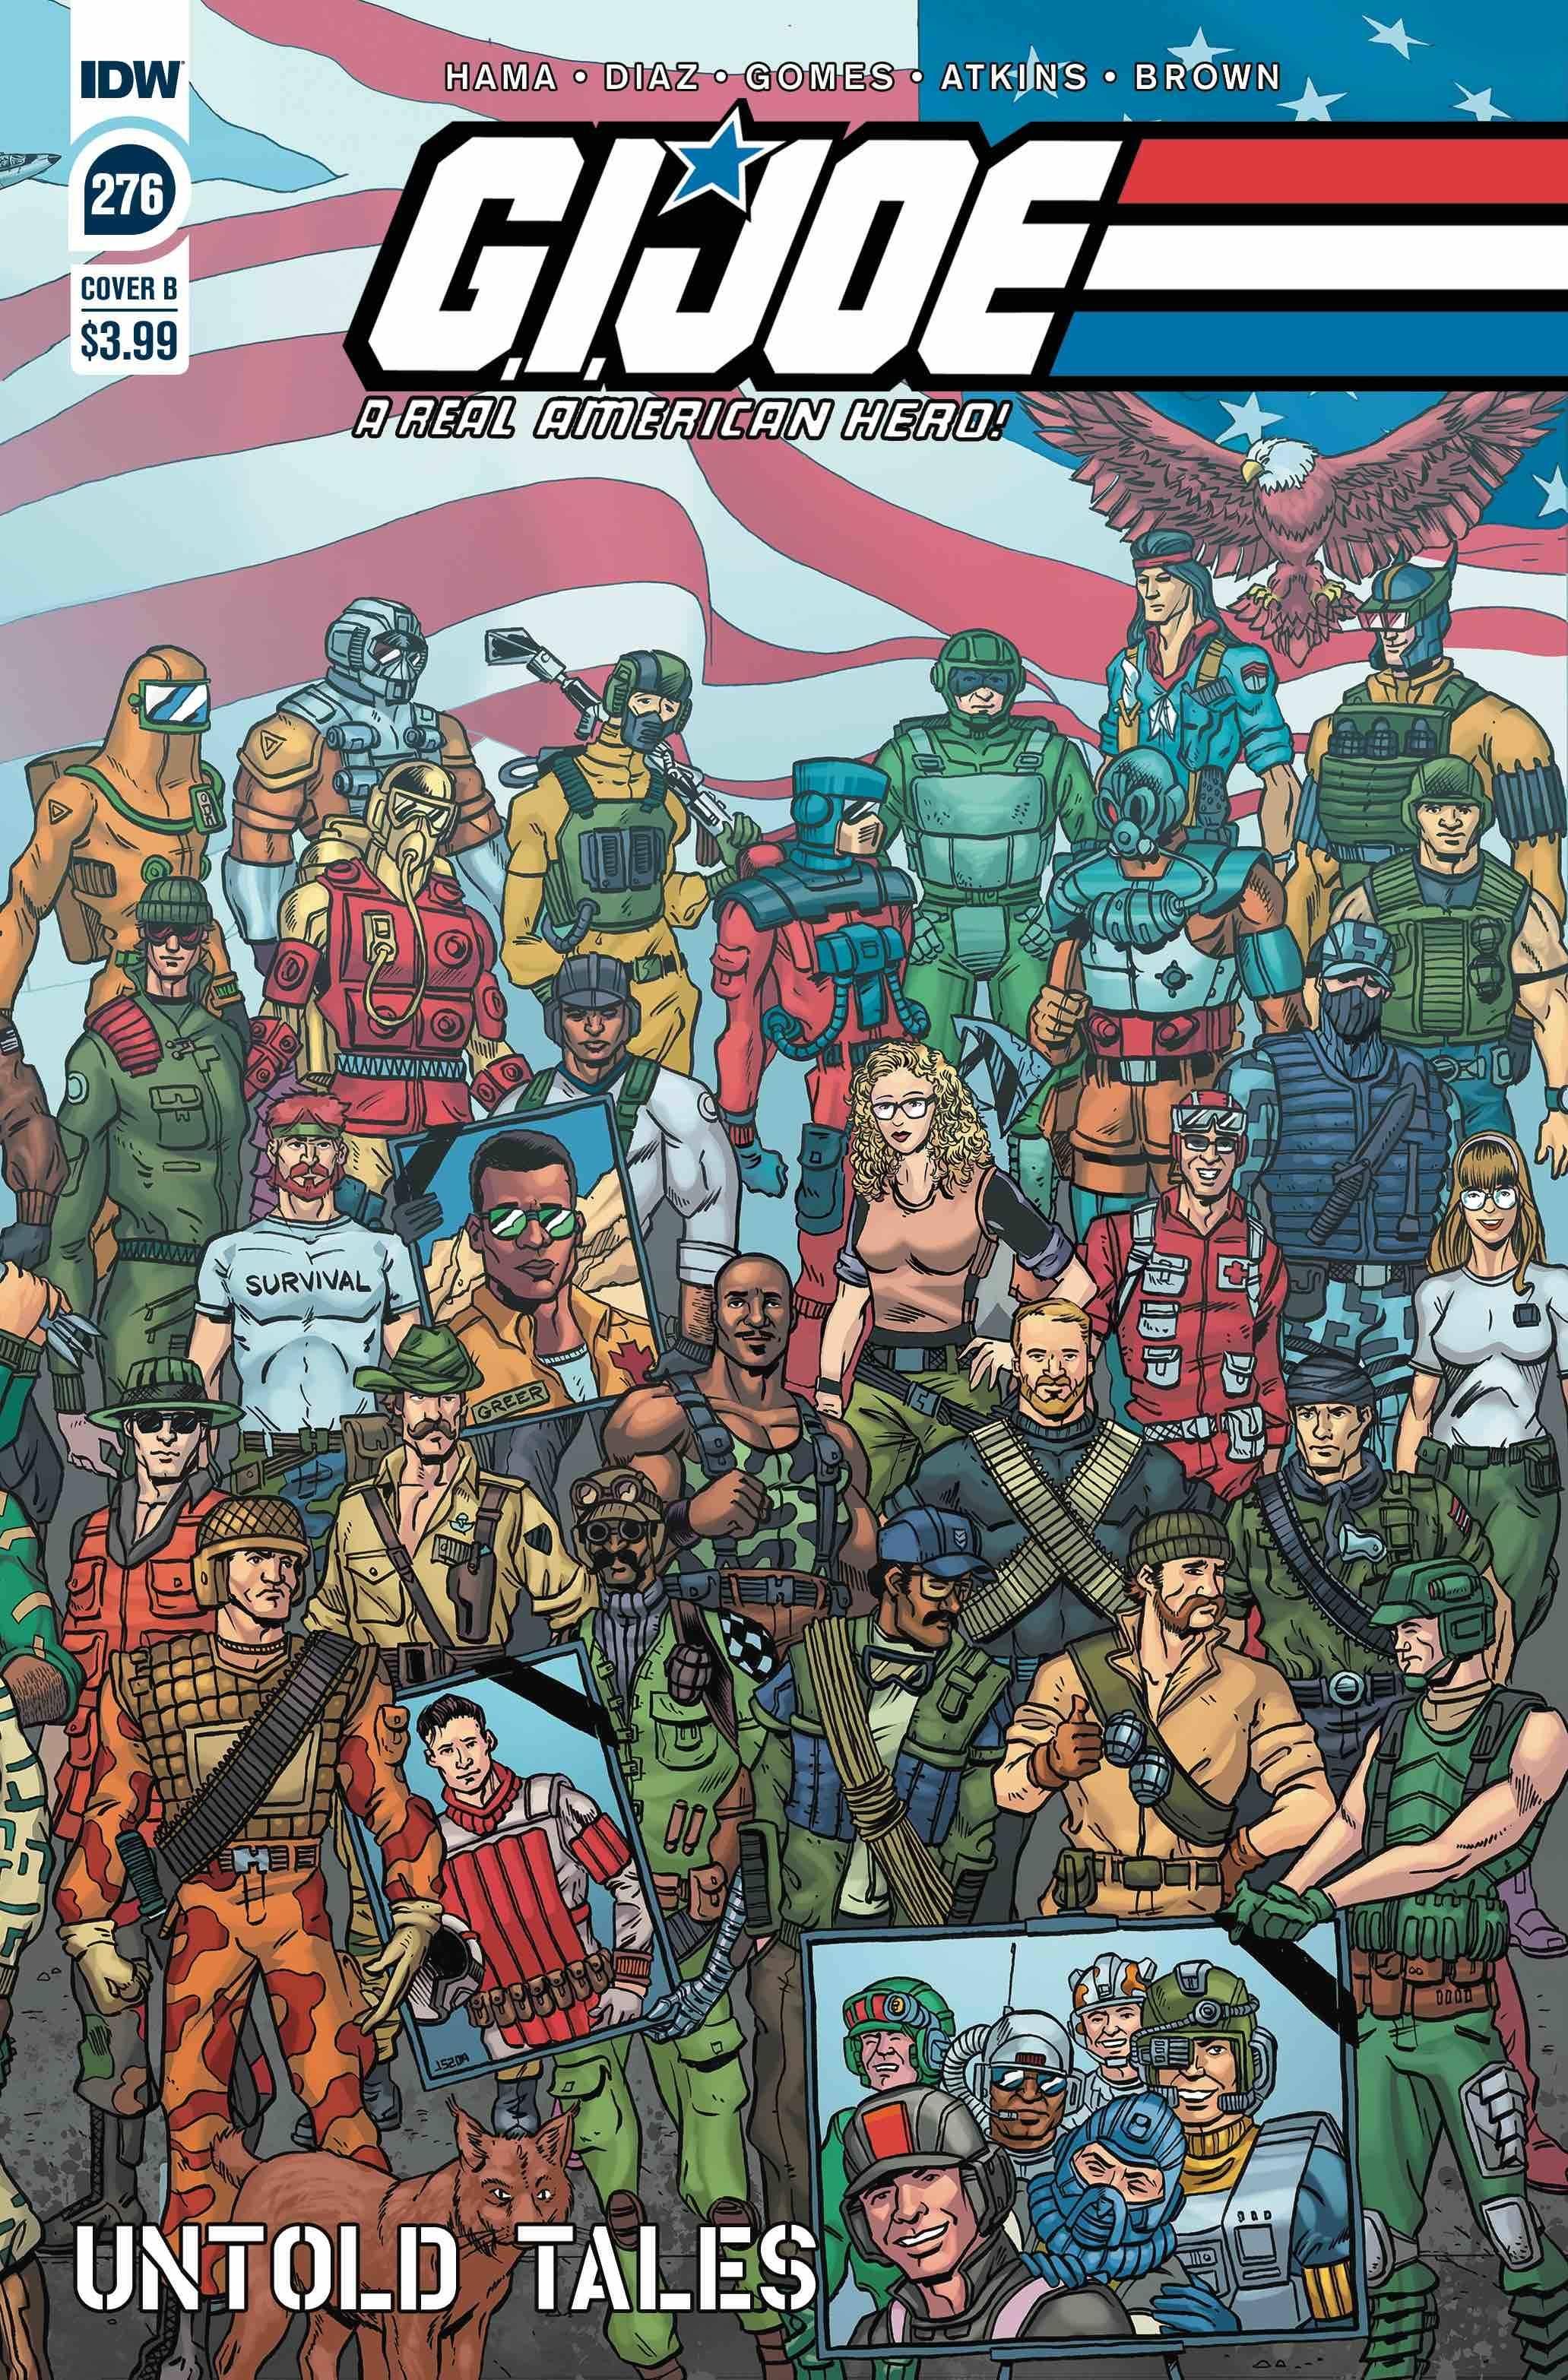 GI JOE A REAL AMERICAN HERO #276 CVR B SHEARER